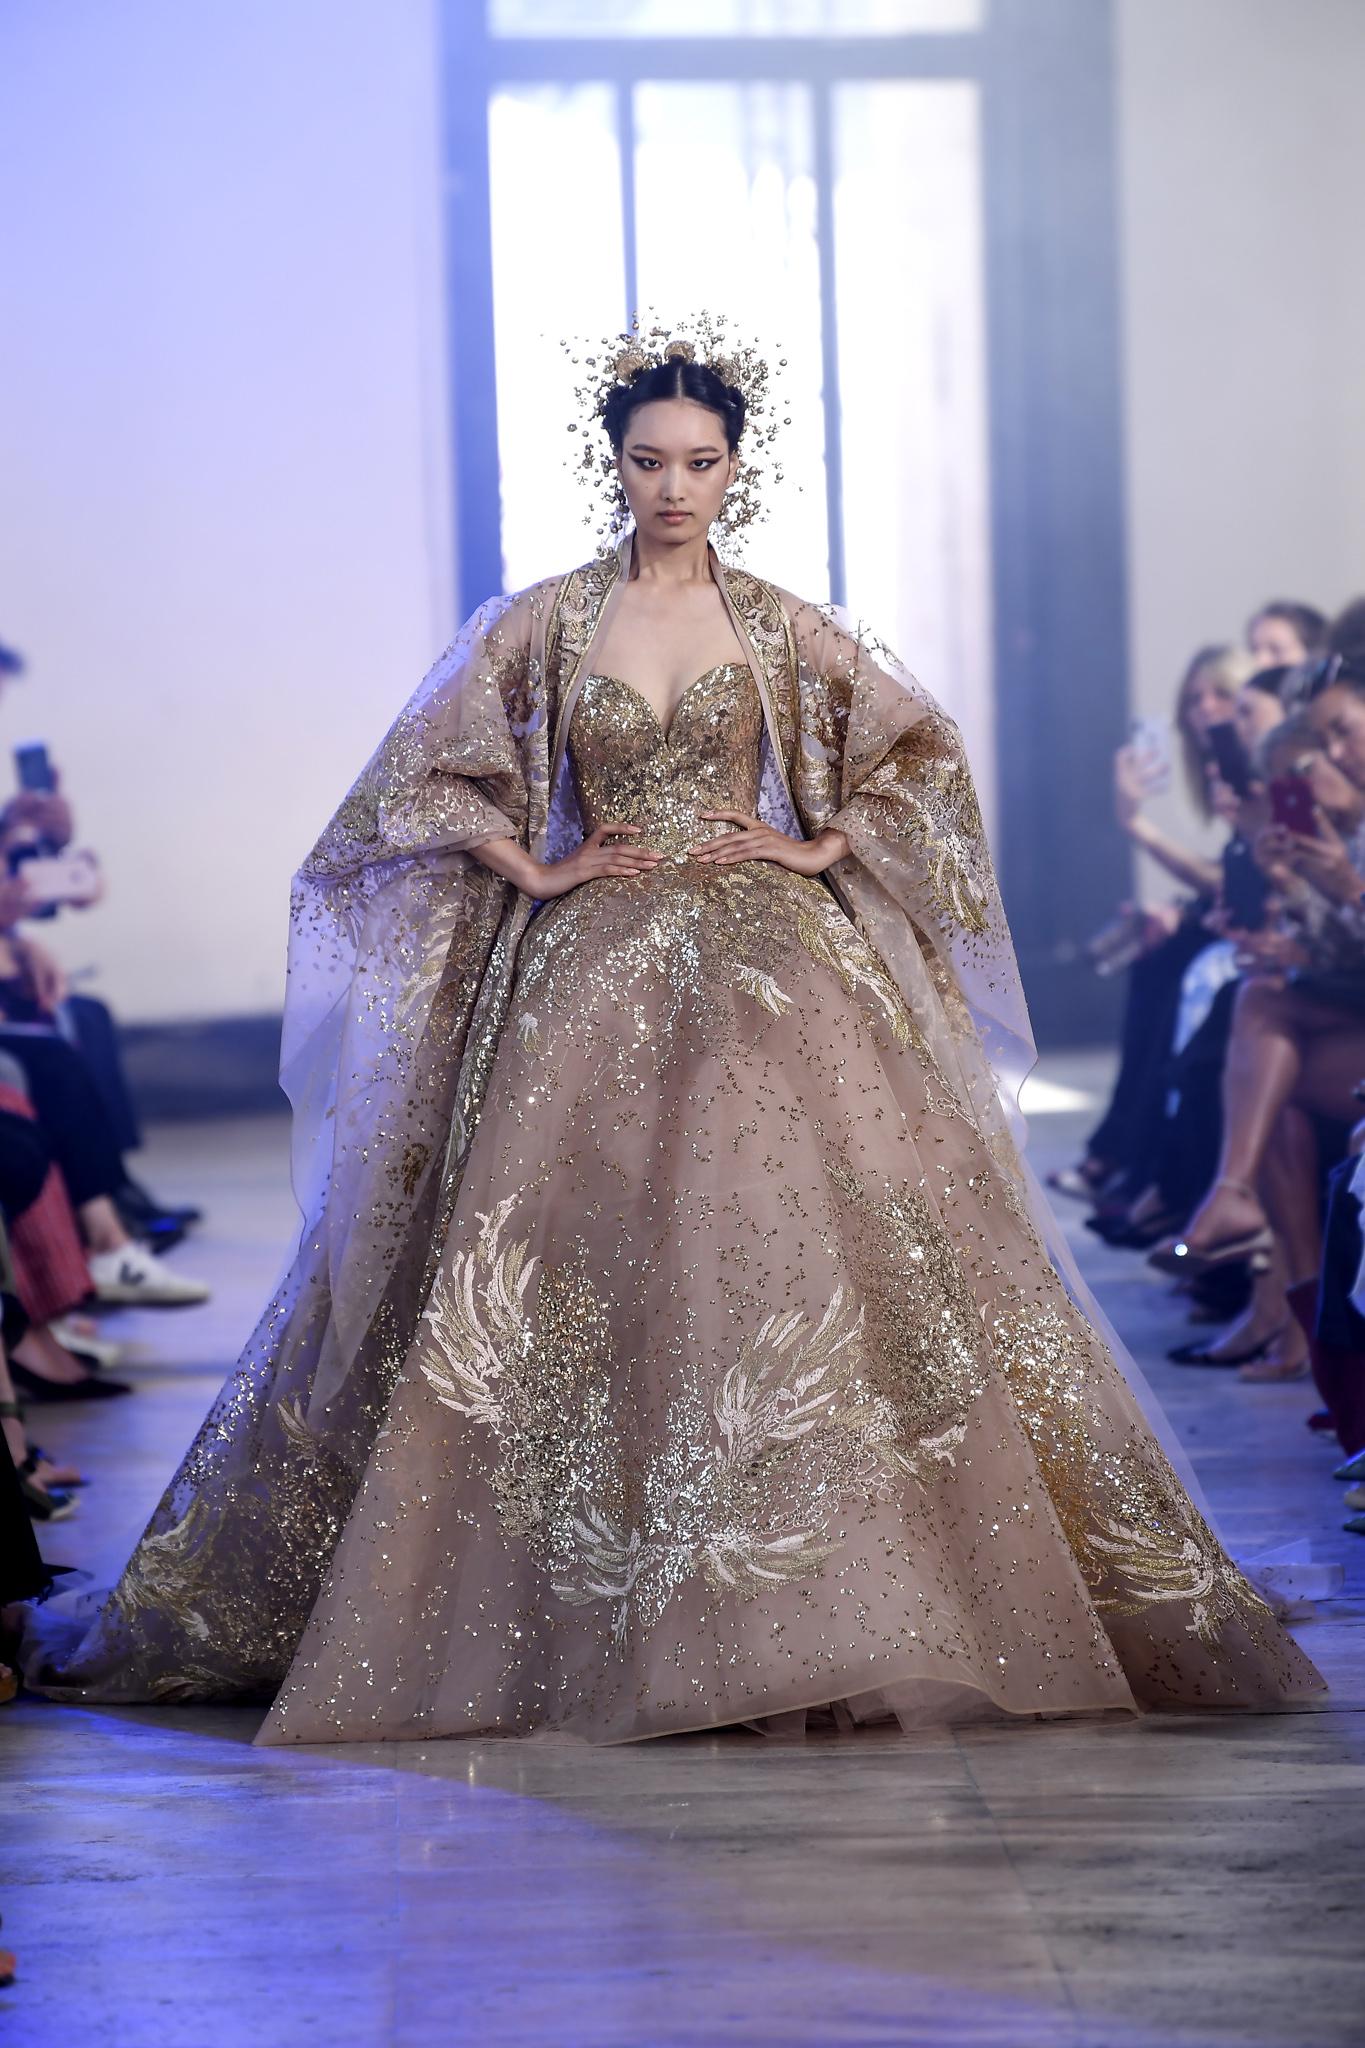 Model Baju Pesta Warna Gold